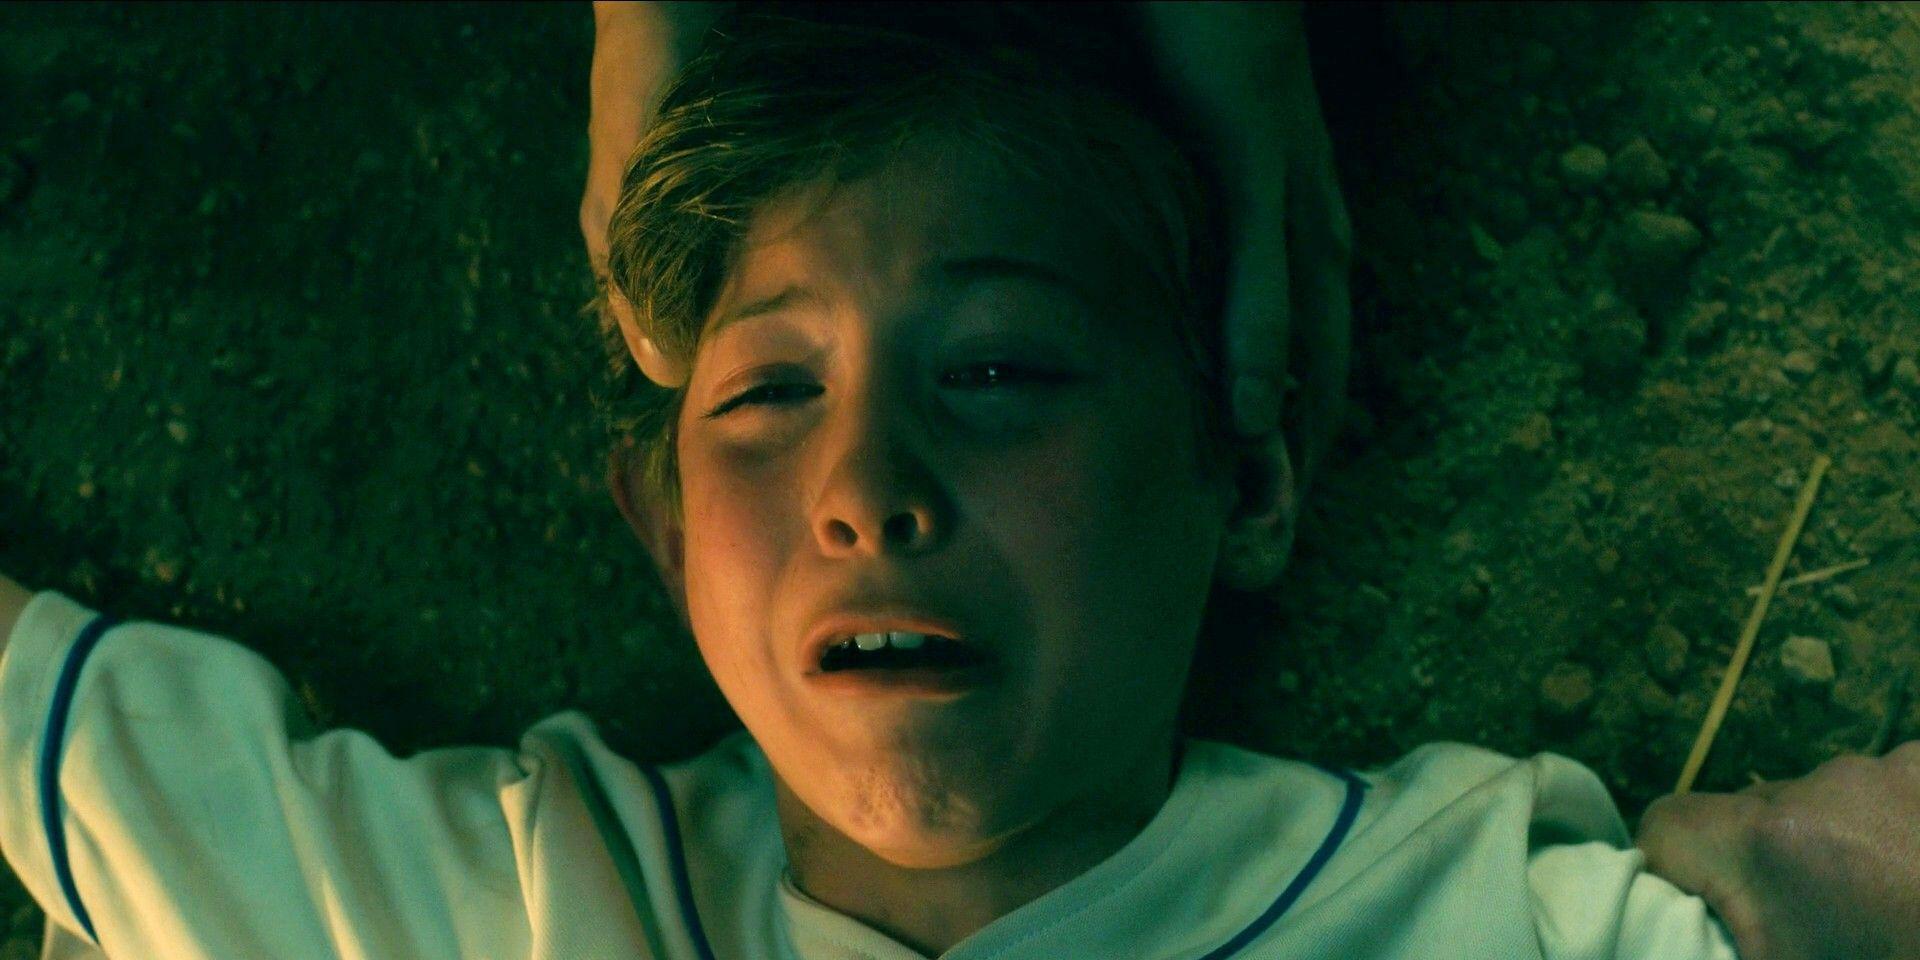 Cena do filme Doutor Sono. Um menino branco de cabelos loiros deitado no chão de terra vestindo uma blusa branca com detalhes azuis. Uma mão segura sua cabeça e seus braços. Sua expressão é de medo e pavor.